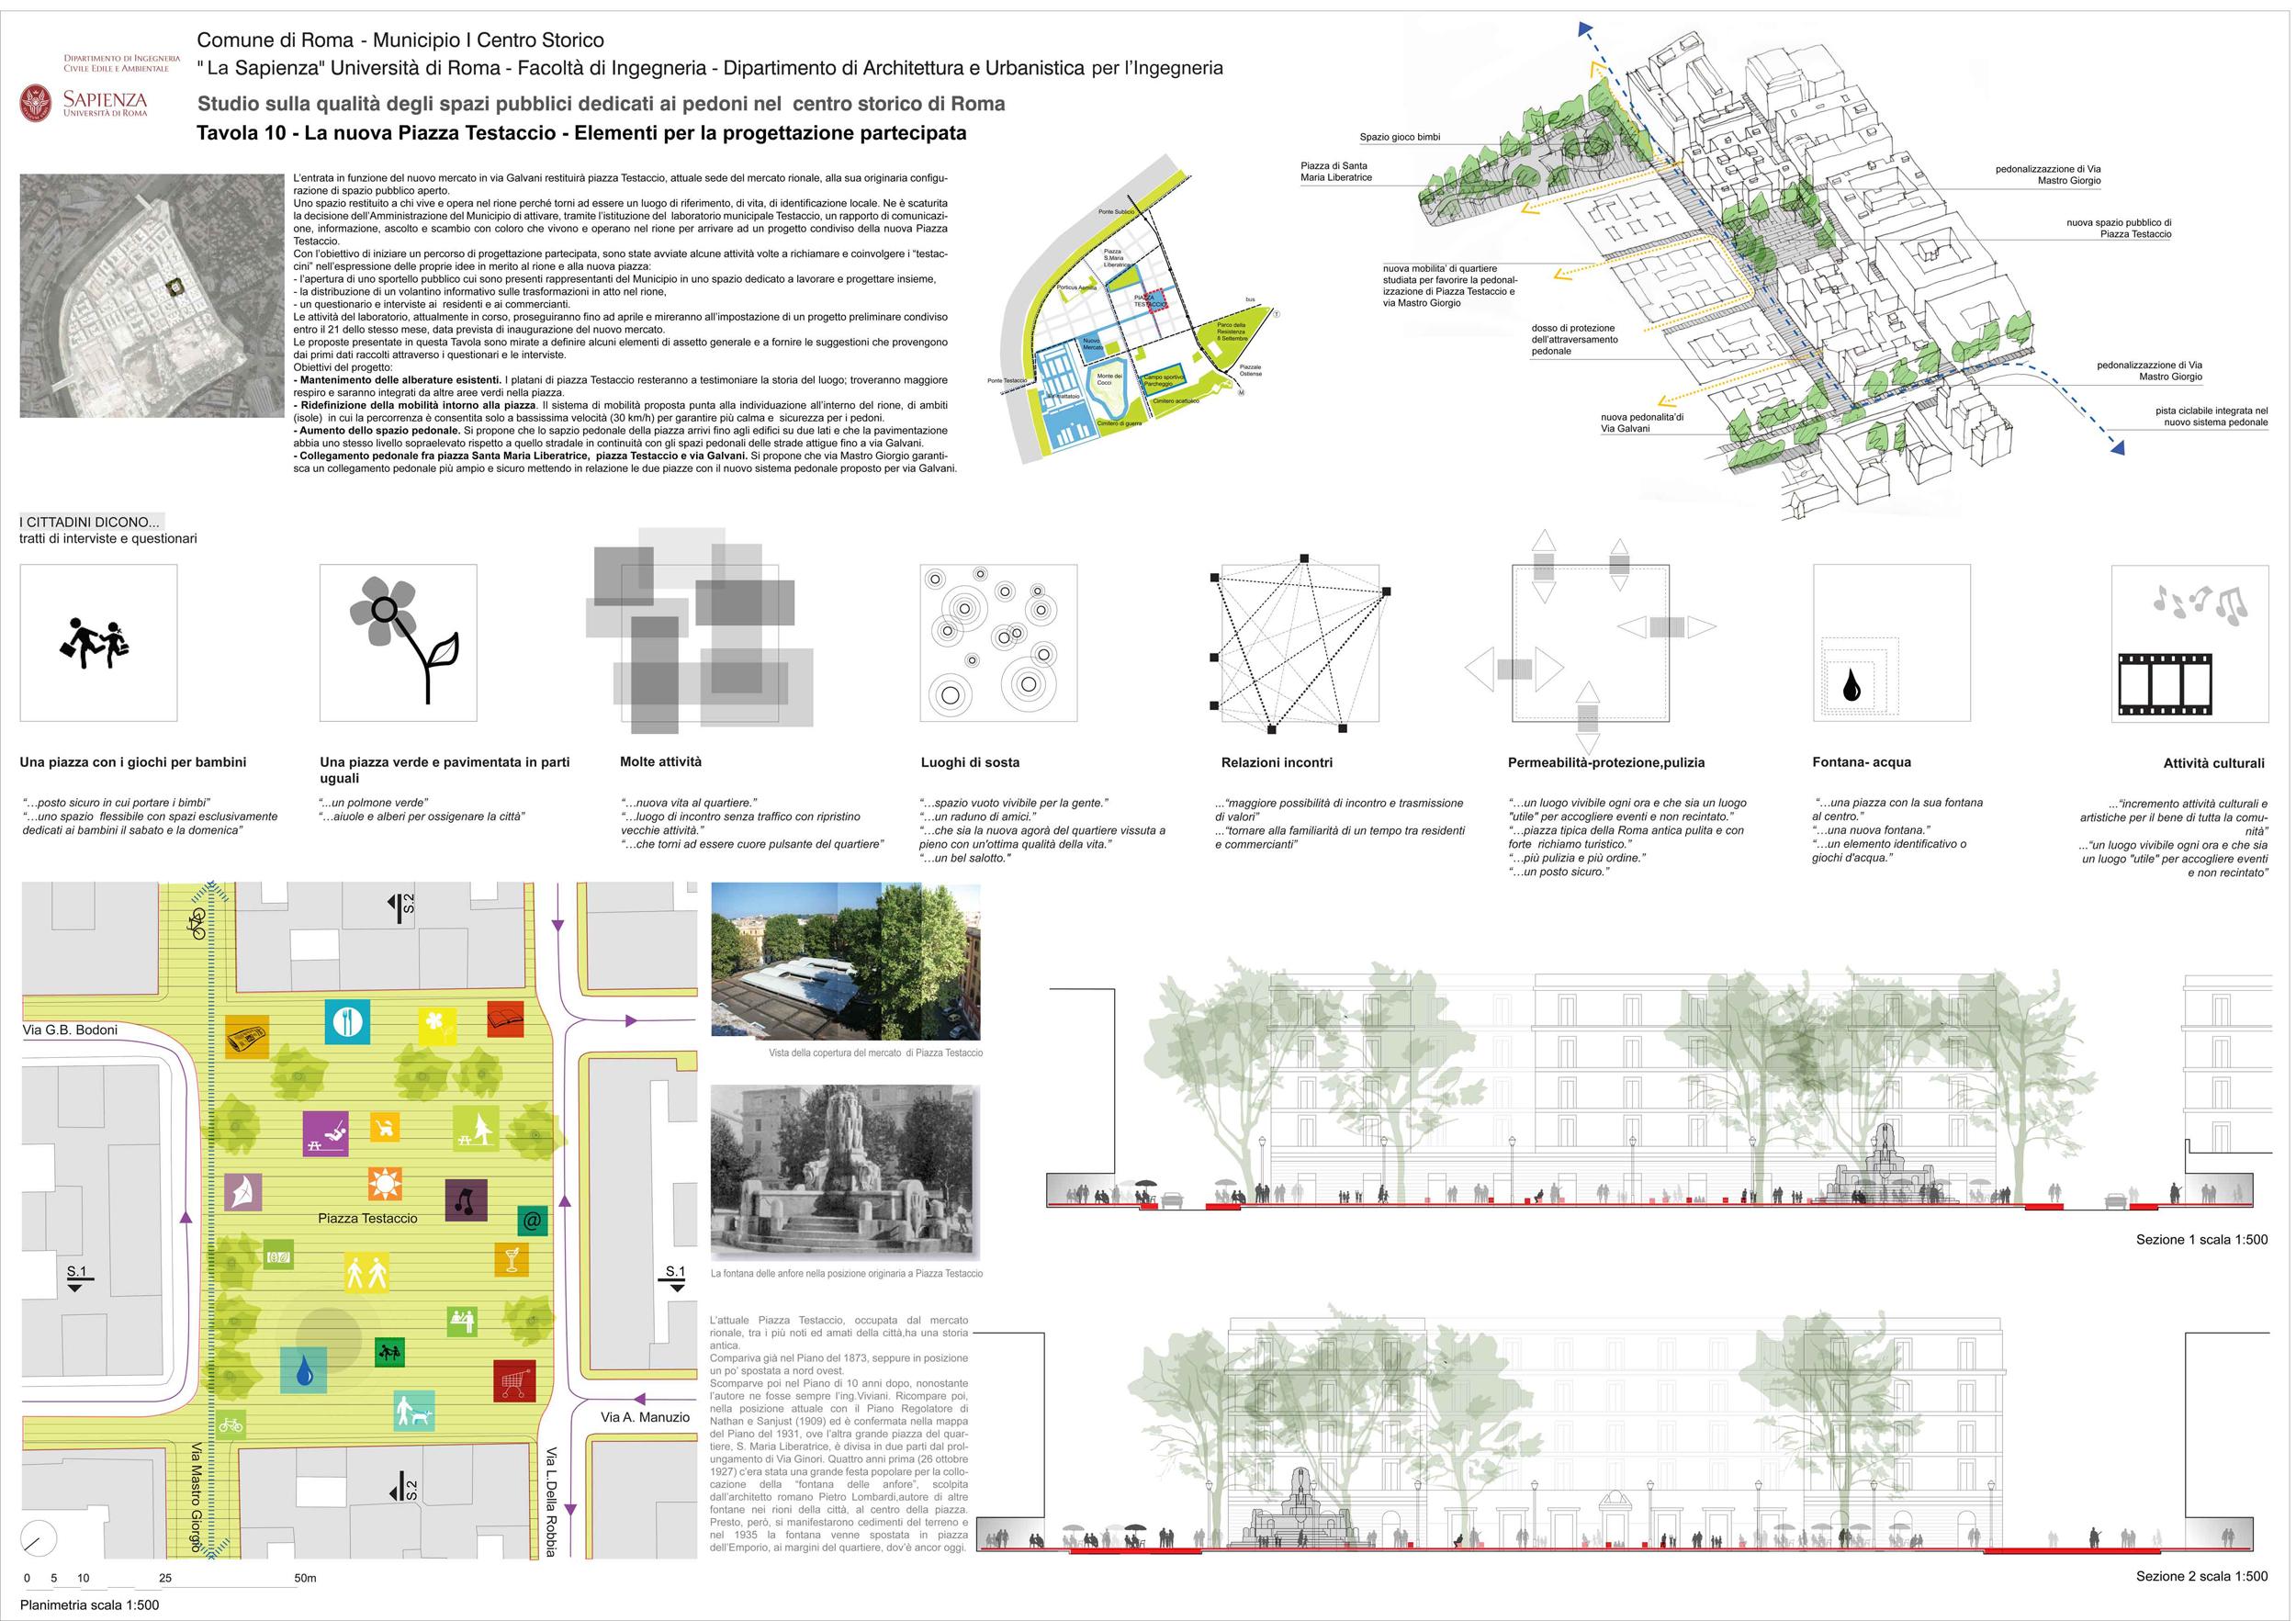 Spazi pubblici pedonali nel municipio roma centro storico for Progetti di piantagione